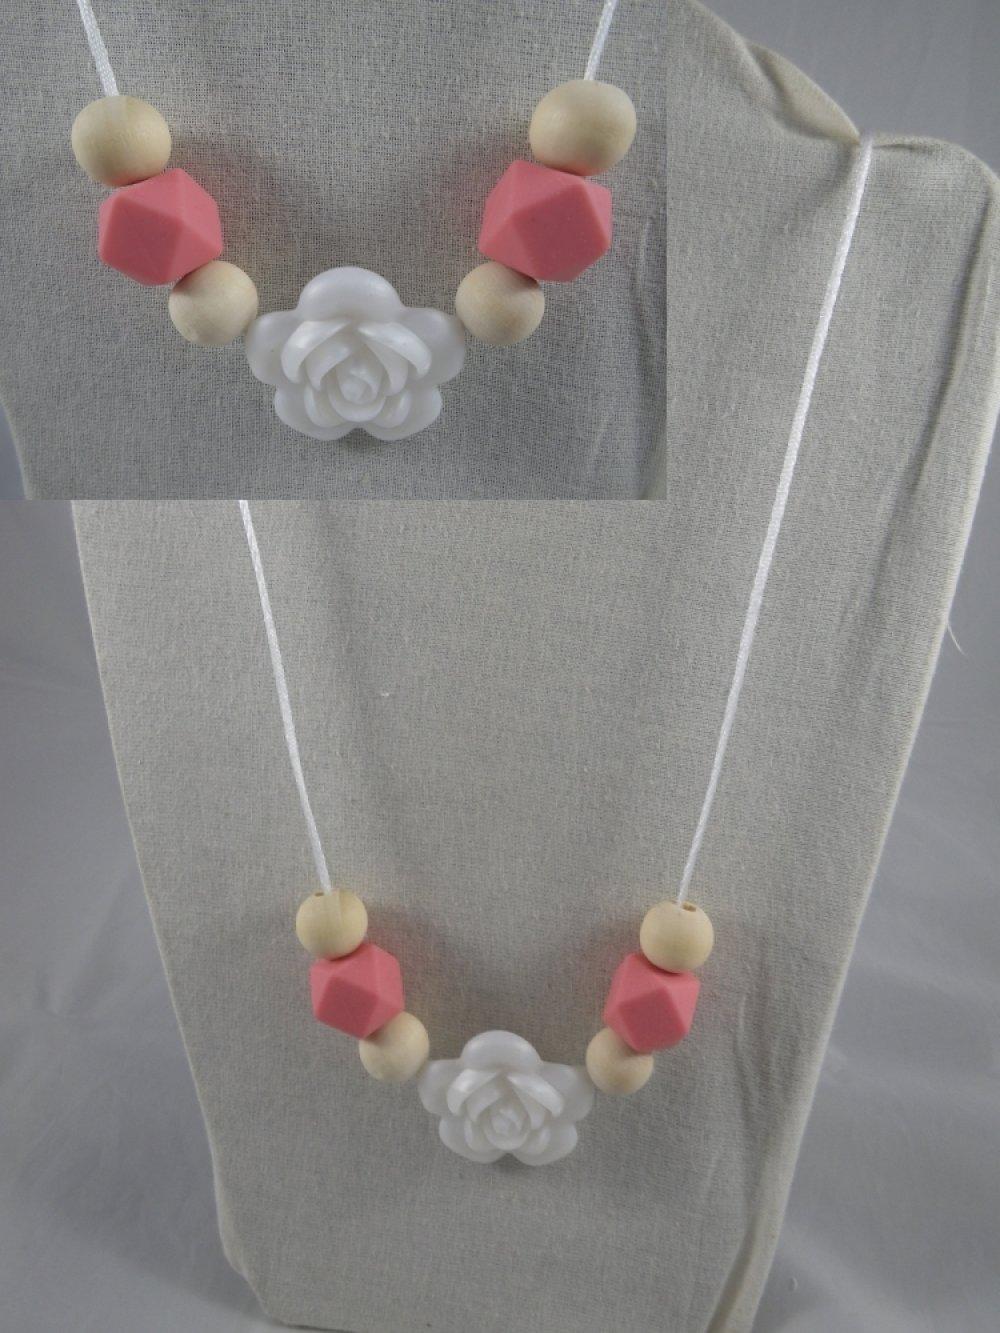 Collier de portage / allaitement rose et blanc